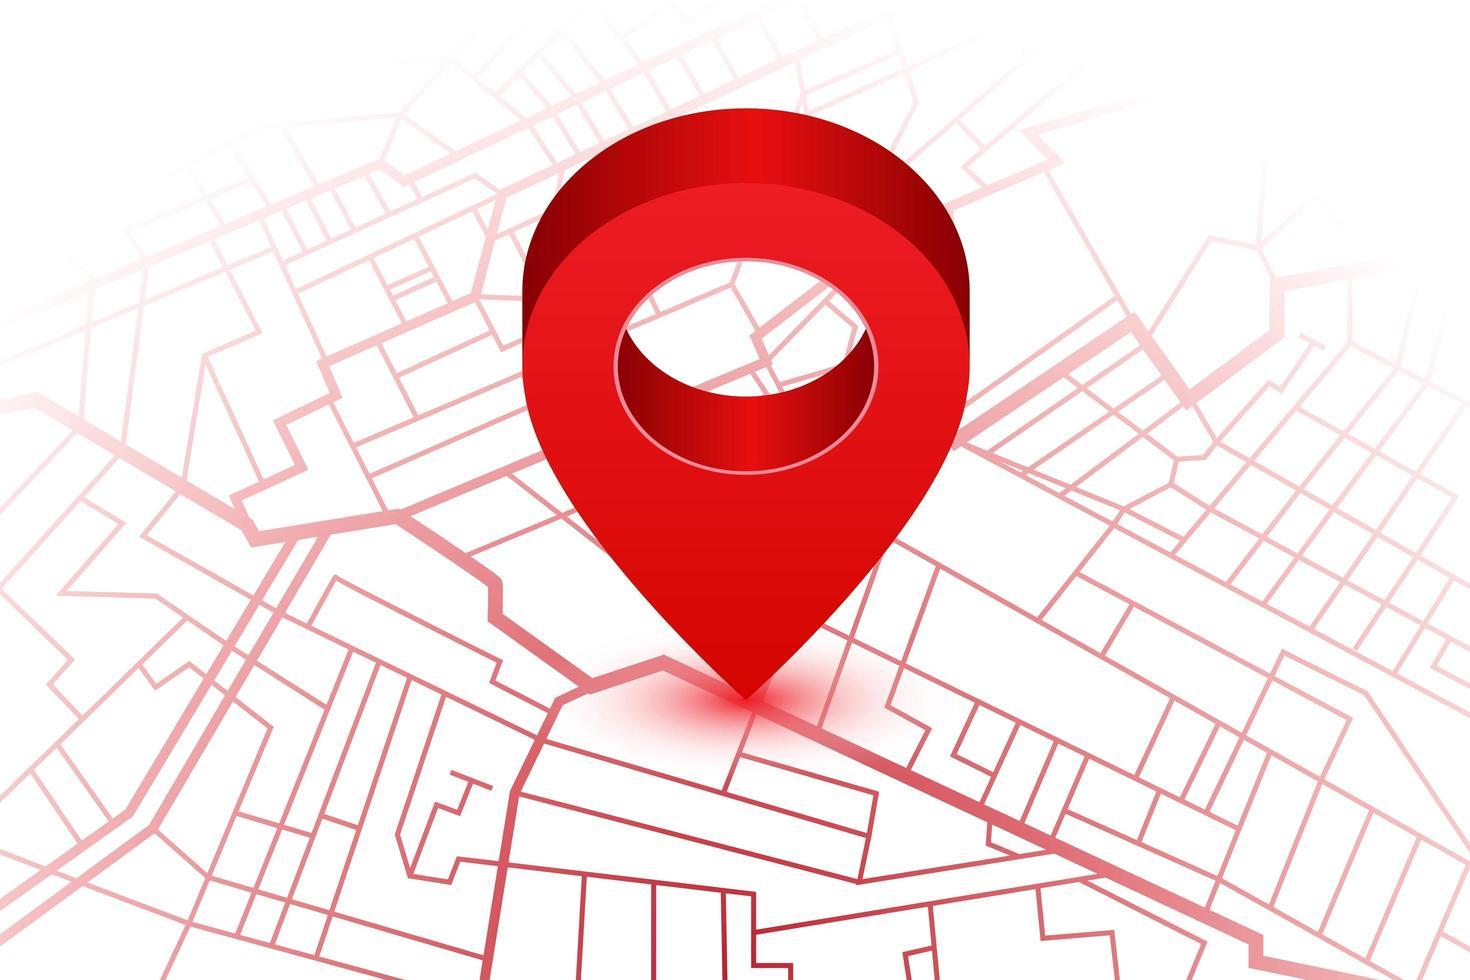 mapa com pino de localização vetor